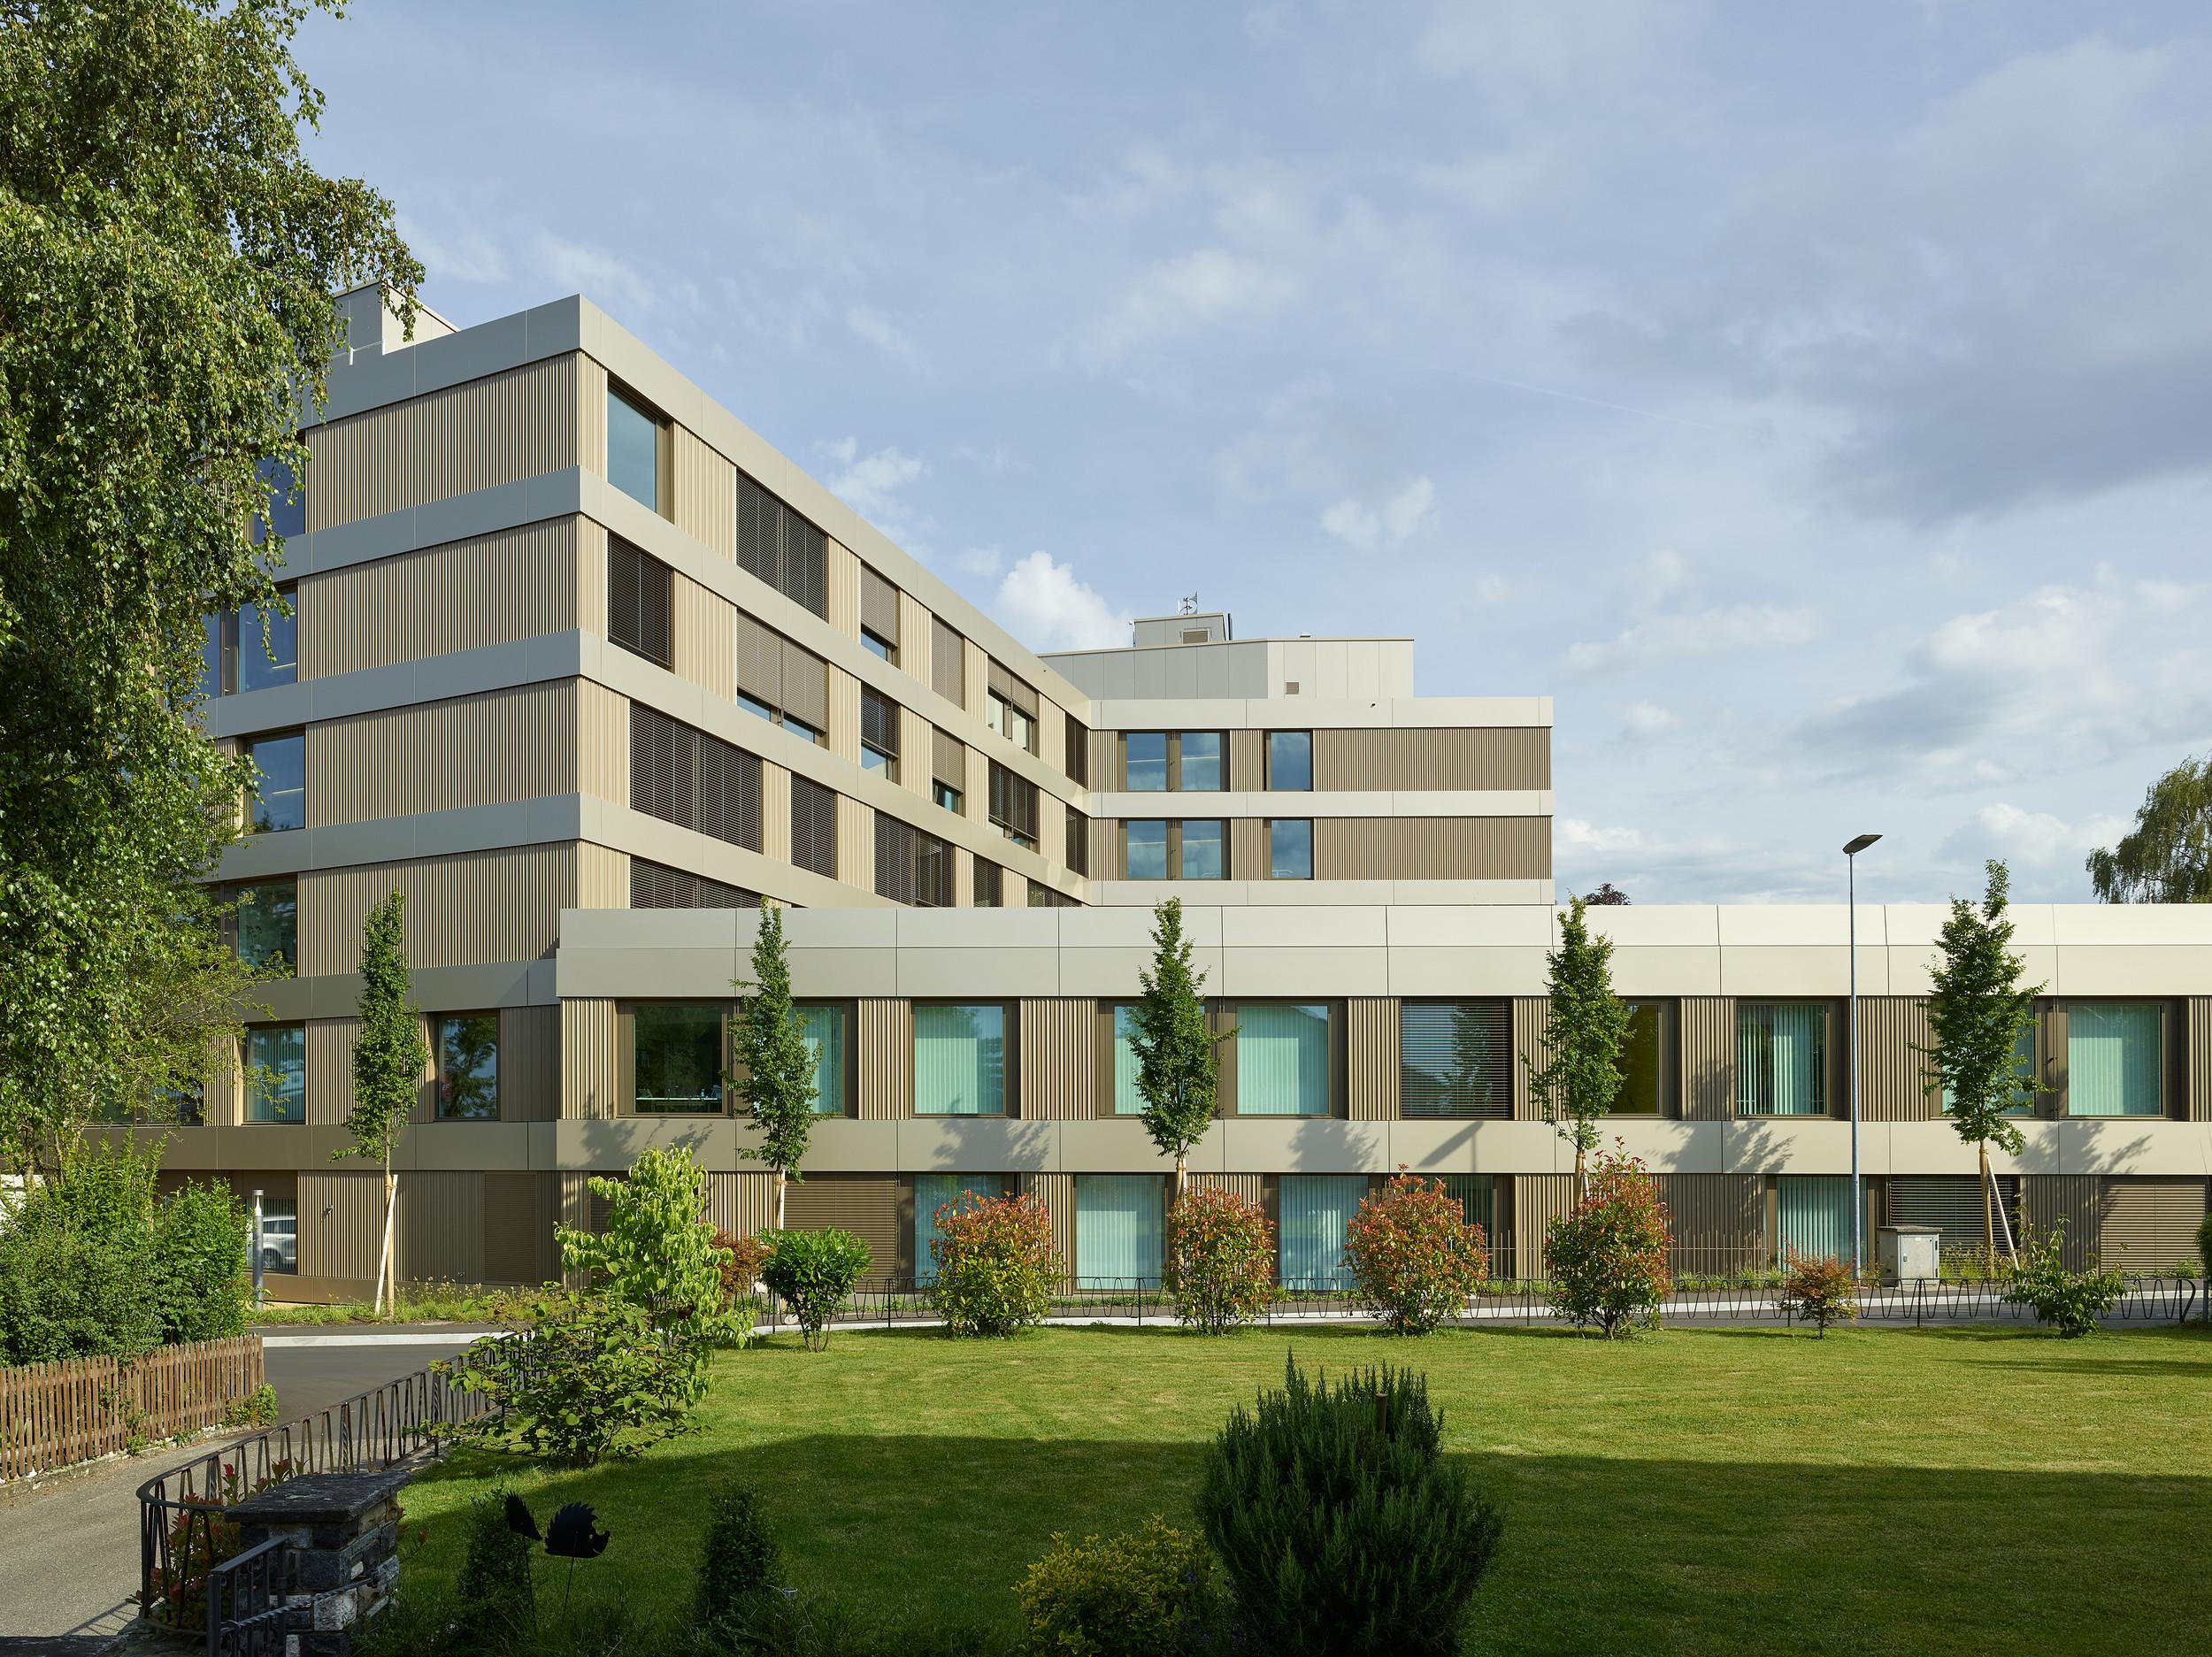 Spital zusammengesetzt aus unterschiedlich grossen 4-eckigen Gebäuden